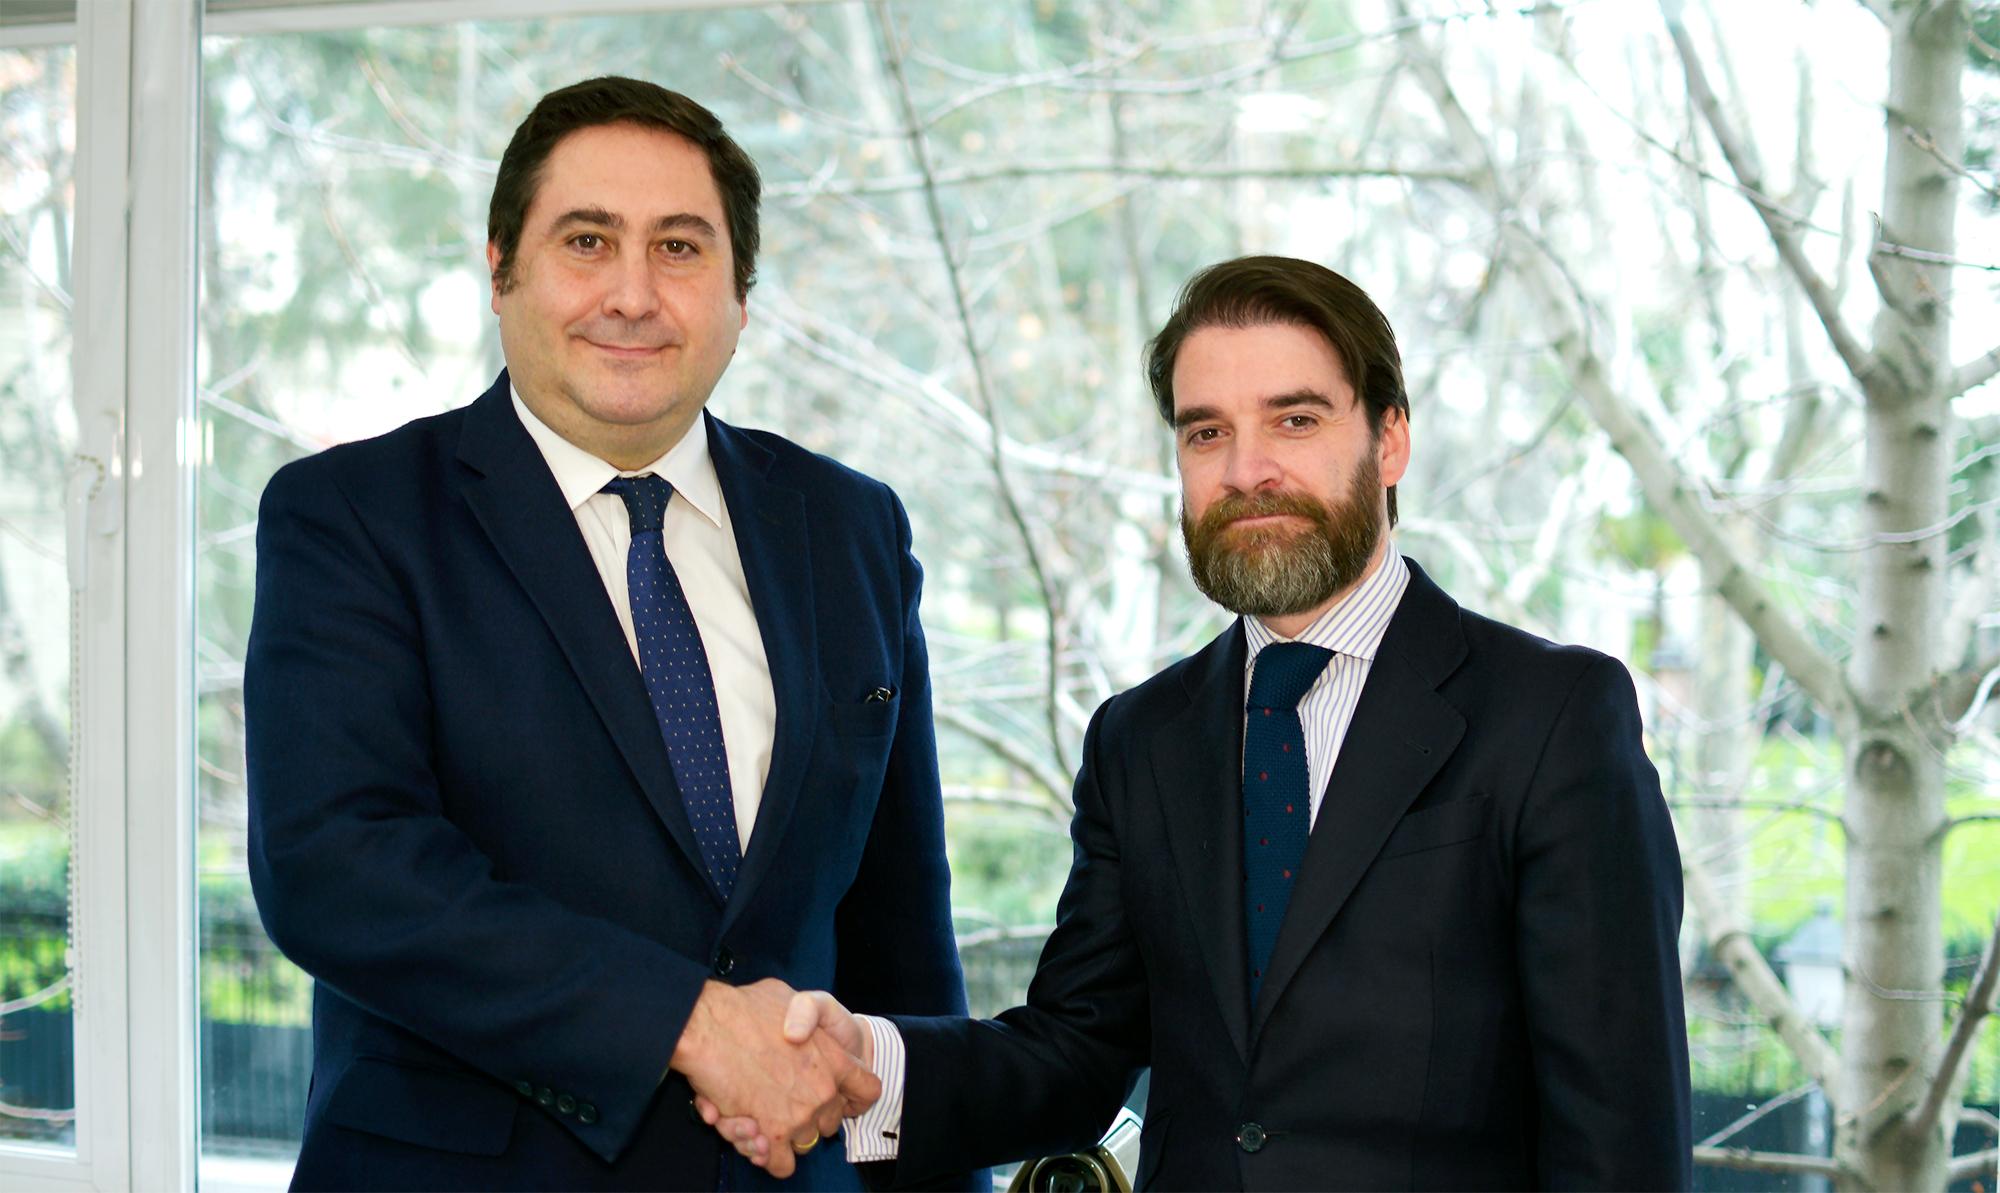 Alberto Suárez Tramón Se Une A DJV Abogados Para Reforzar El área Mercantil